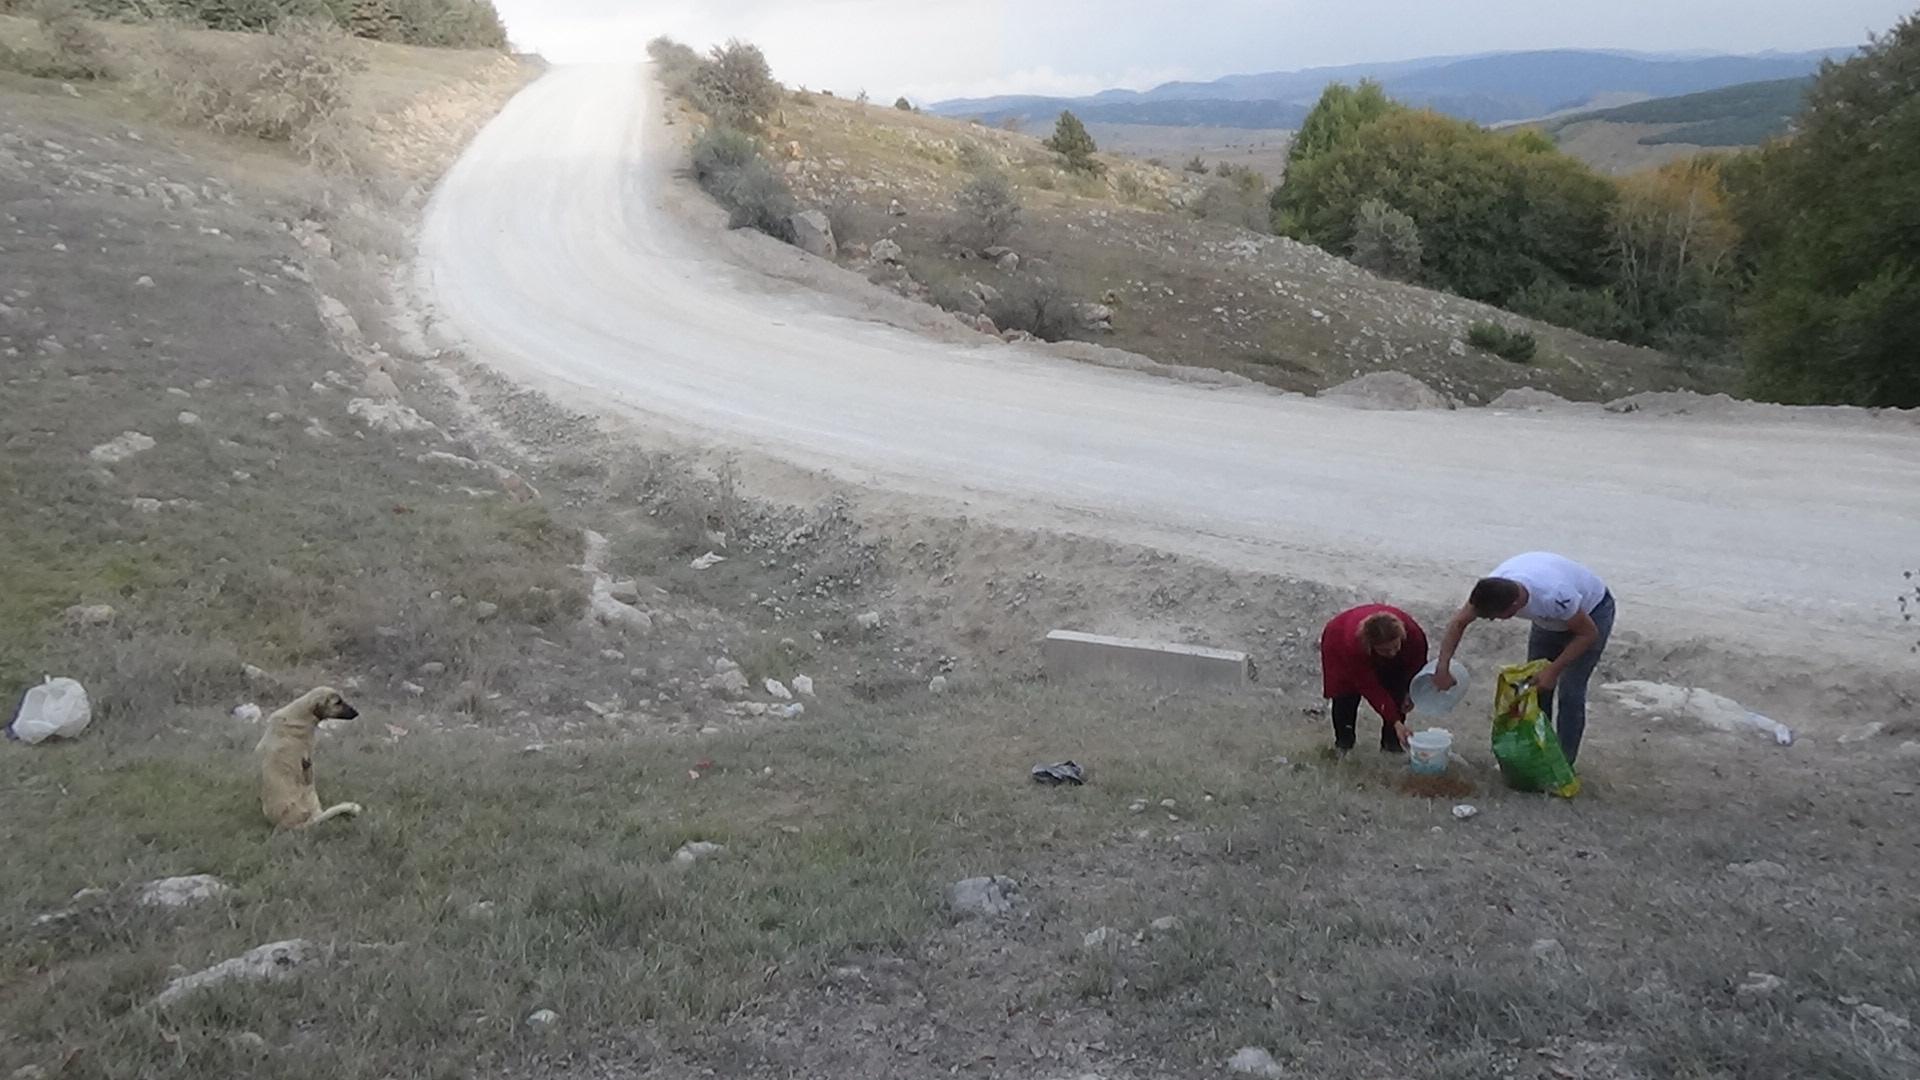 Emirli yaylası'nda terk edilen köpekler ölüme, açıkla savaşıyor